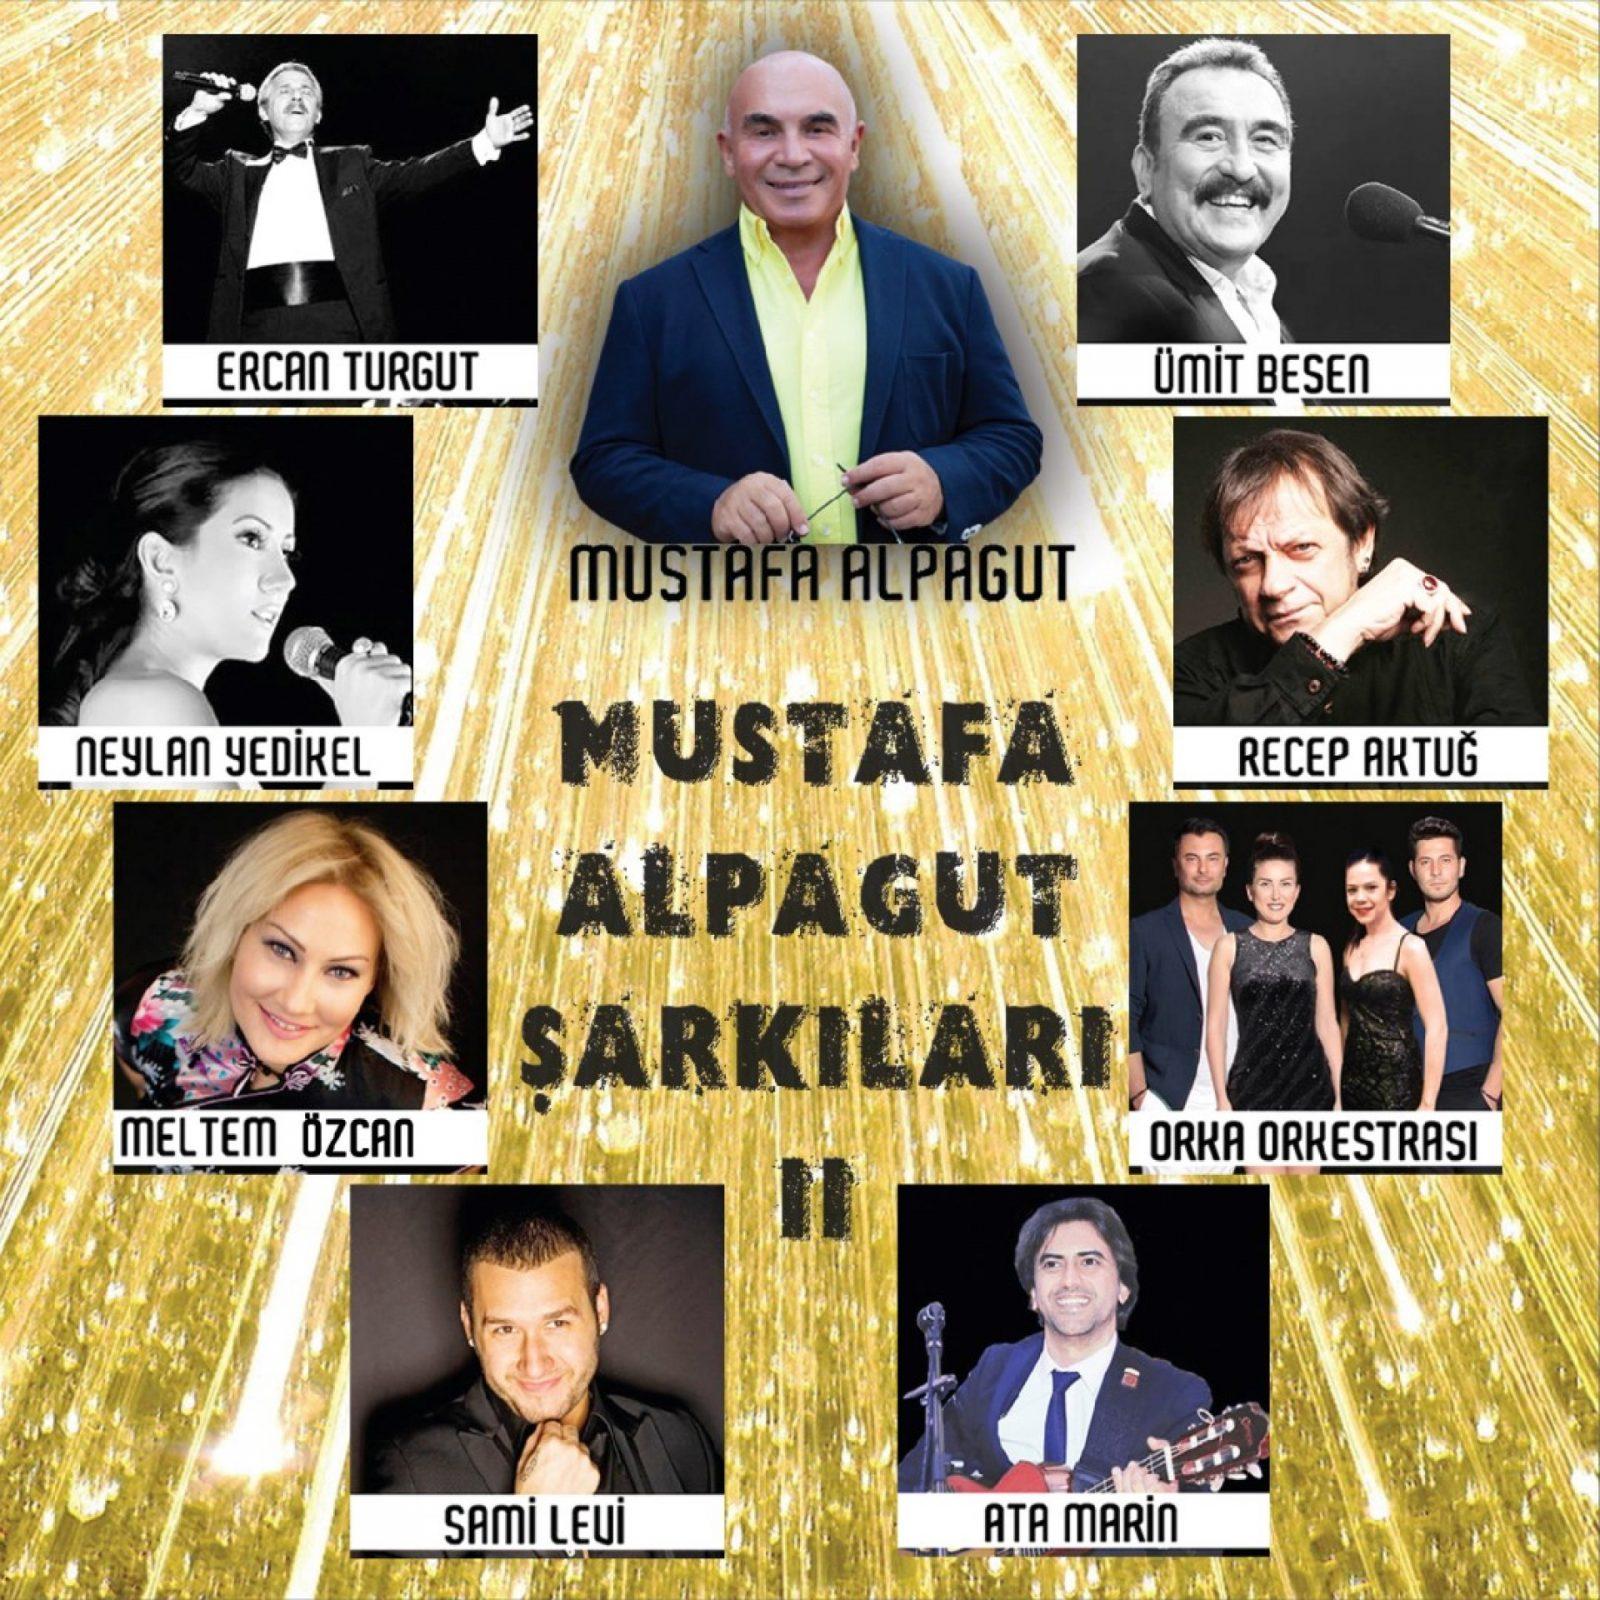 mustafa alpagut şarkıları 2 albüm kapağı